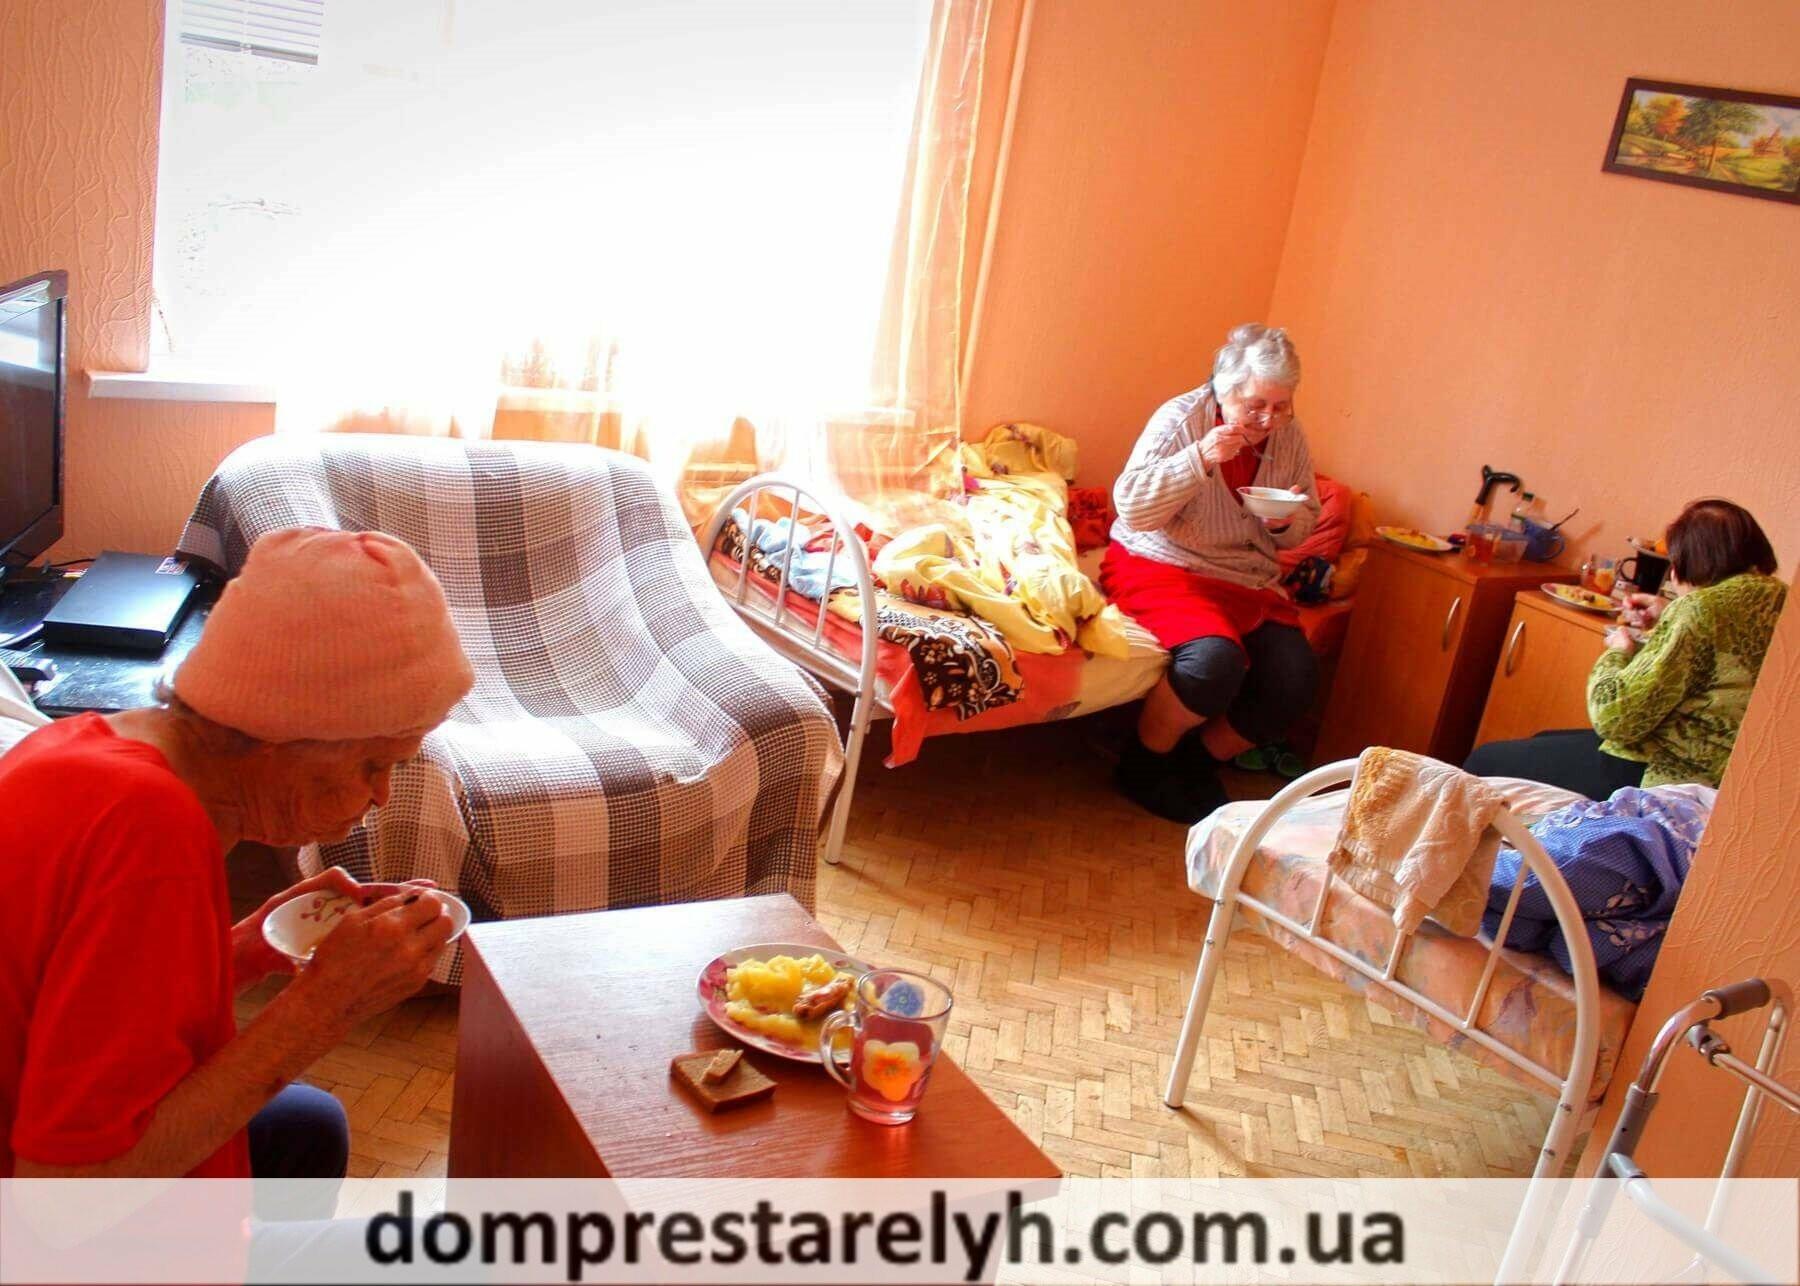 Дом престарелых Запорожье, пансионат для престарелых в Запорожье, уход за пожилыми людьми в Запорожье, частный дом престарелых в Запорожье